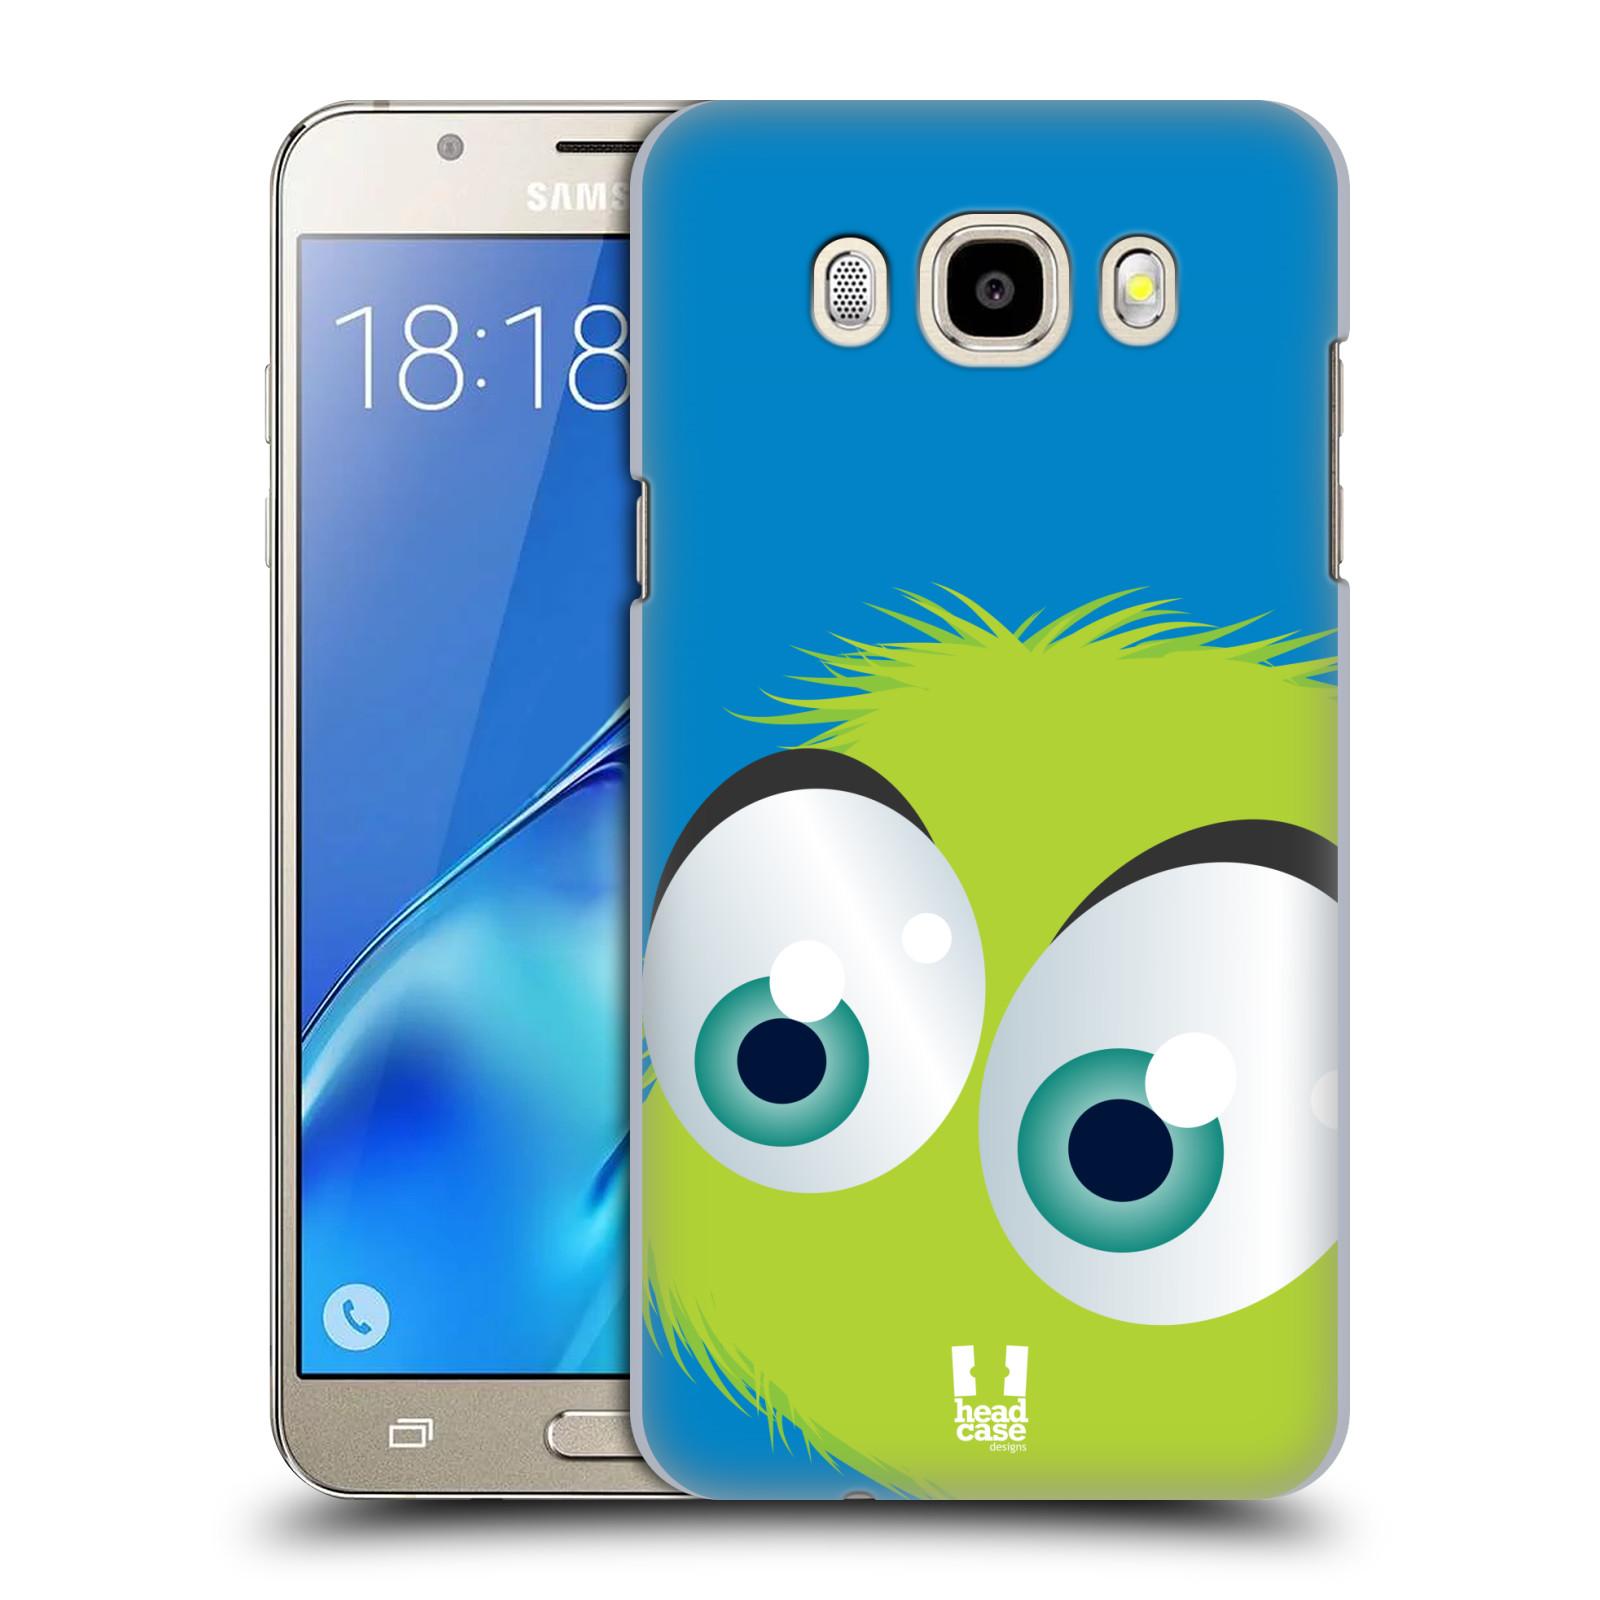 Plastové pouzdro na mobil Samsung Galaxy J5 (2016) HEAD CASE FUZÍK ZELENÝ (Plastový kryt či obal na mobilní telefon Samsung Galaxy J5 (2016) SM-J510)